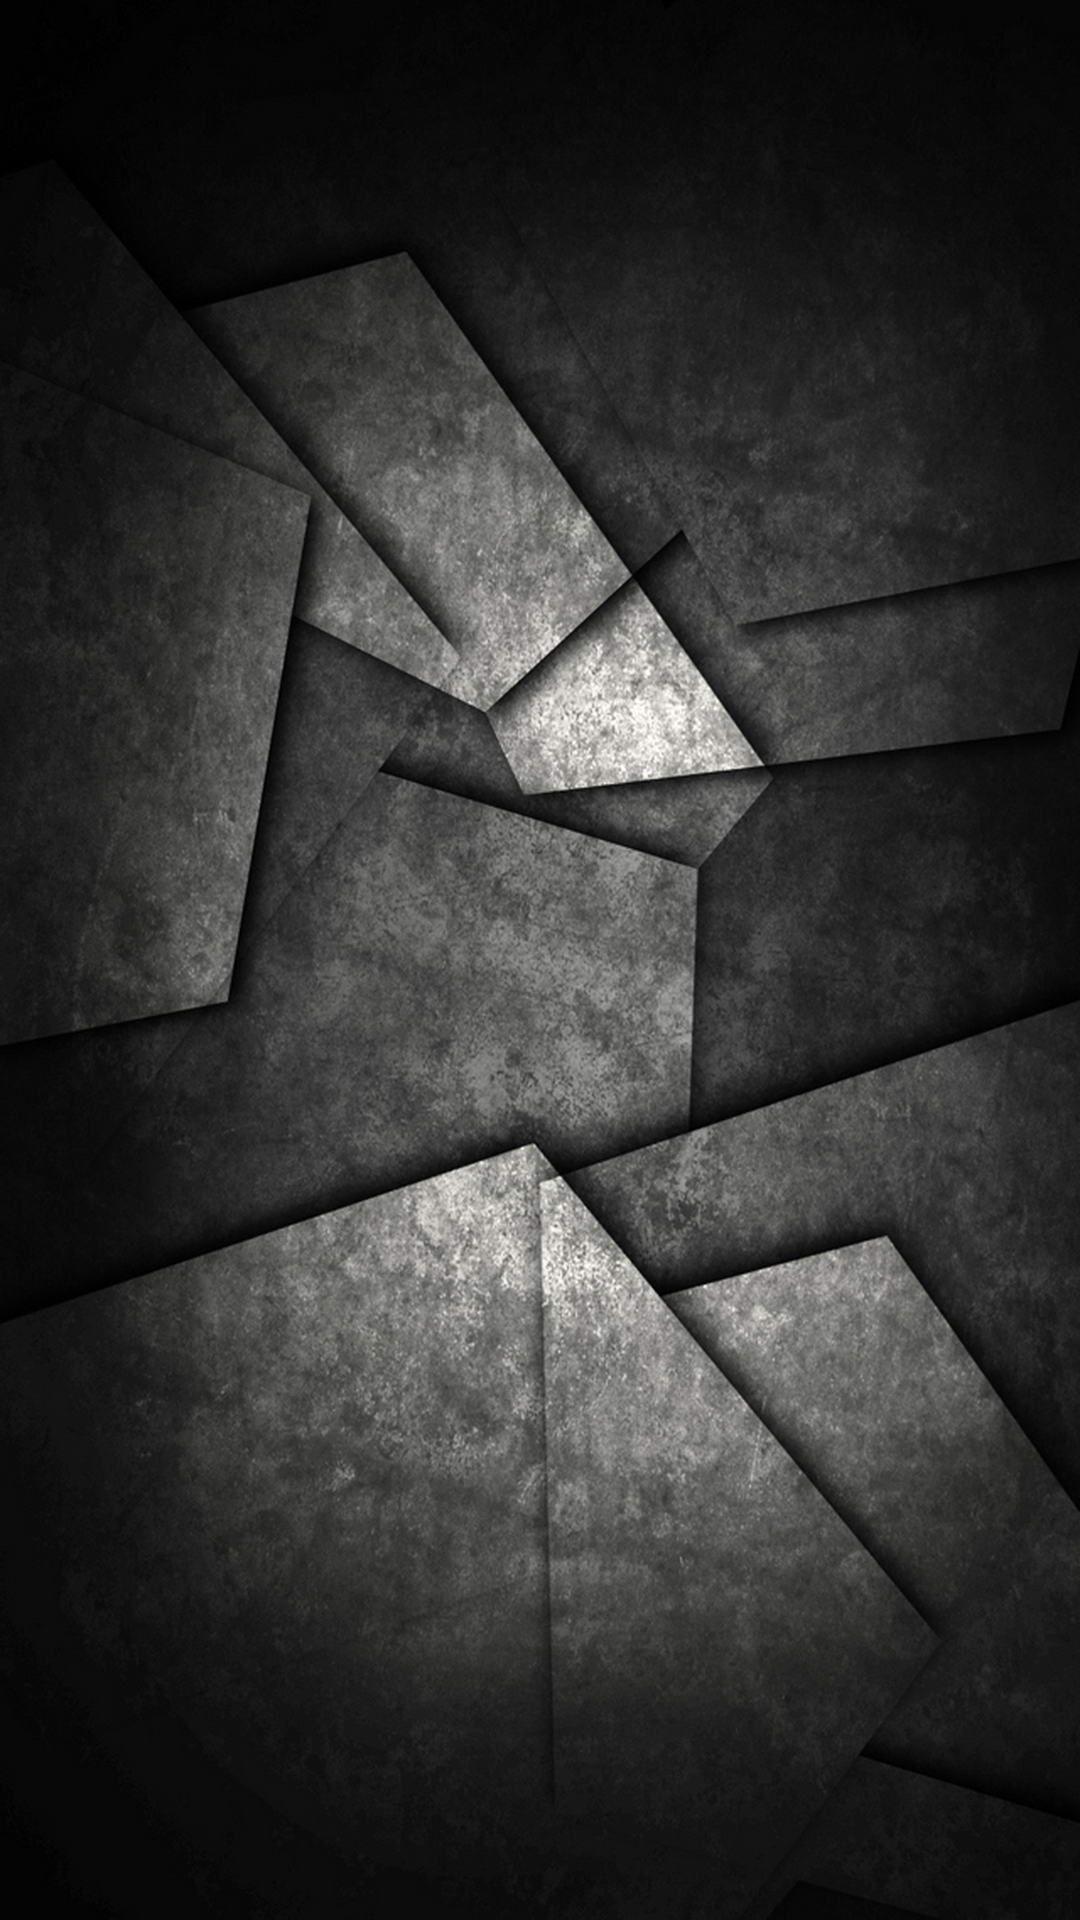 Black White Mosaic Mobile Hd Wallpaper Cute Black Wallpaper Royal Wallpaper Black Wallpaper Iphone